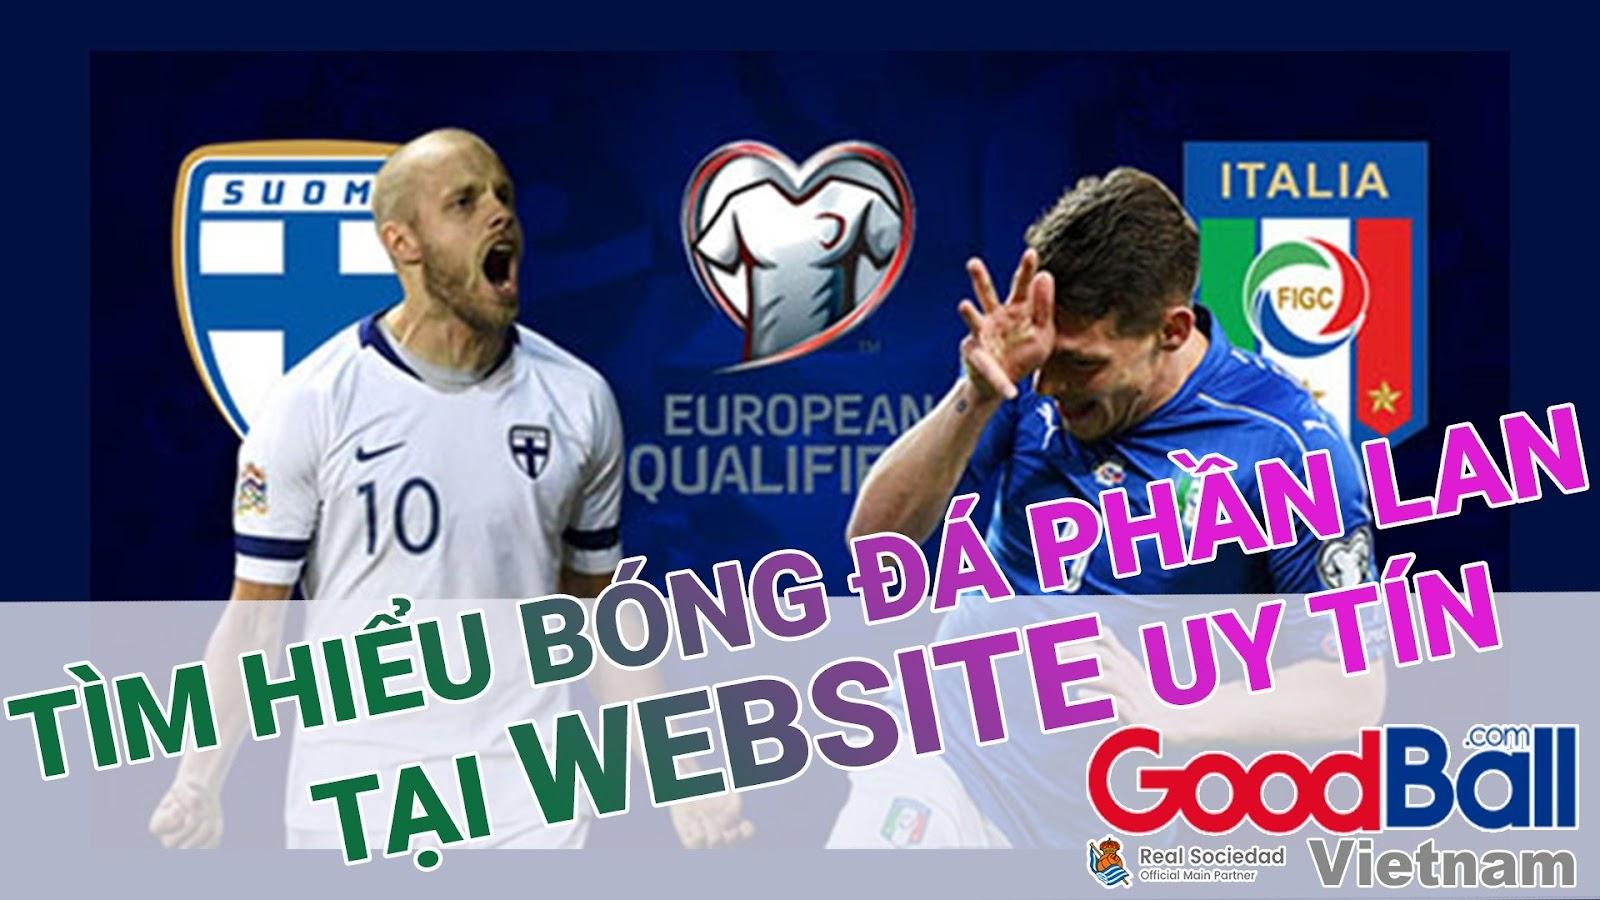 Nếu bạn đang cần tìm cho mình những thông tin như bóng đá trực tiếp, dự đoán bóng đá, bình luận bóng đá, bóng đá trực tuyến kèo nhà cái, kết quả bóng đá (kqbd) thì hãy truy cập vào trang web dữ liệu bóng đá GoodBall.com và trang web trực tiếp bóng đá hôm nay HDZB.tv